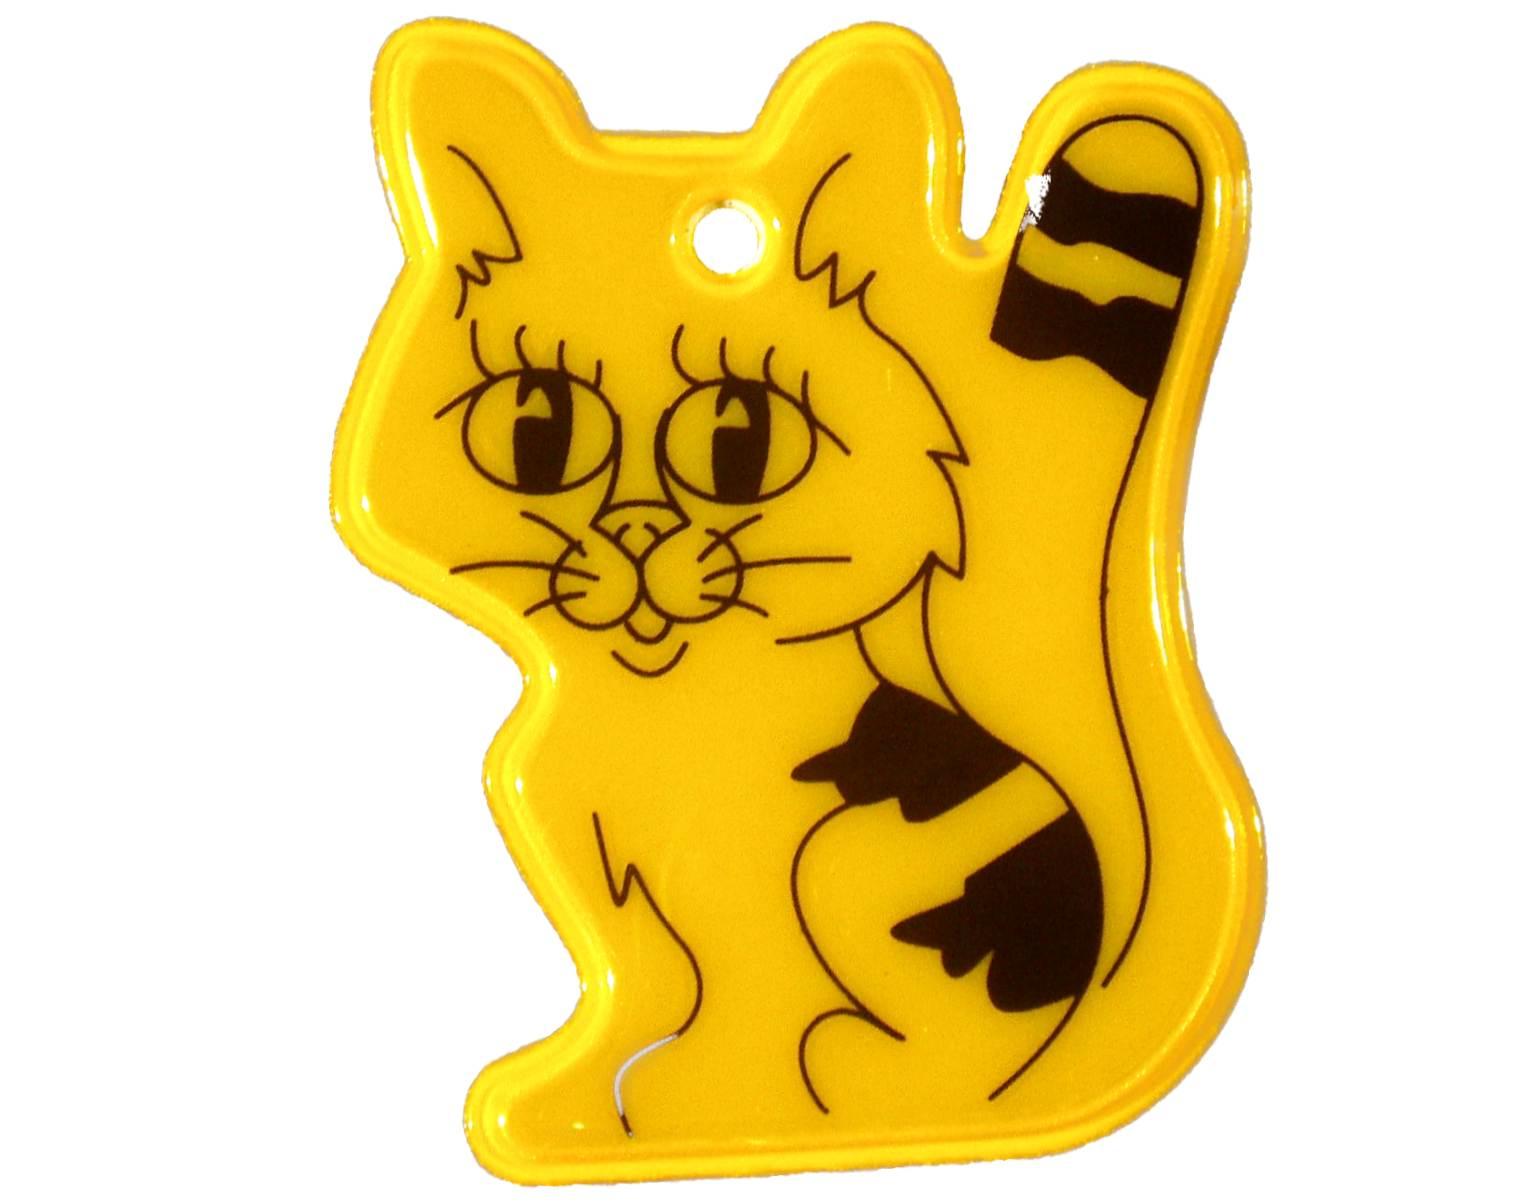 фликер световозвращатель пешеходный кот